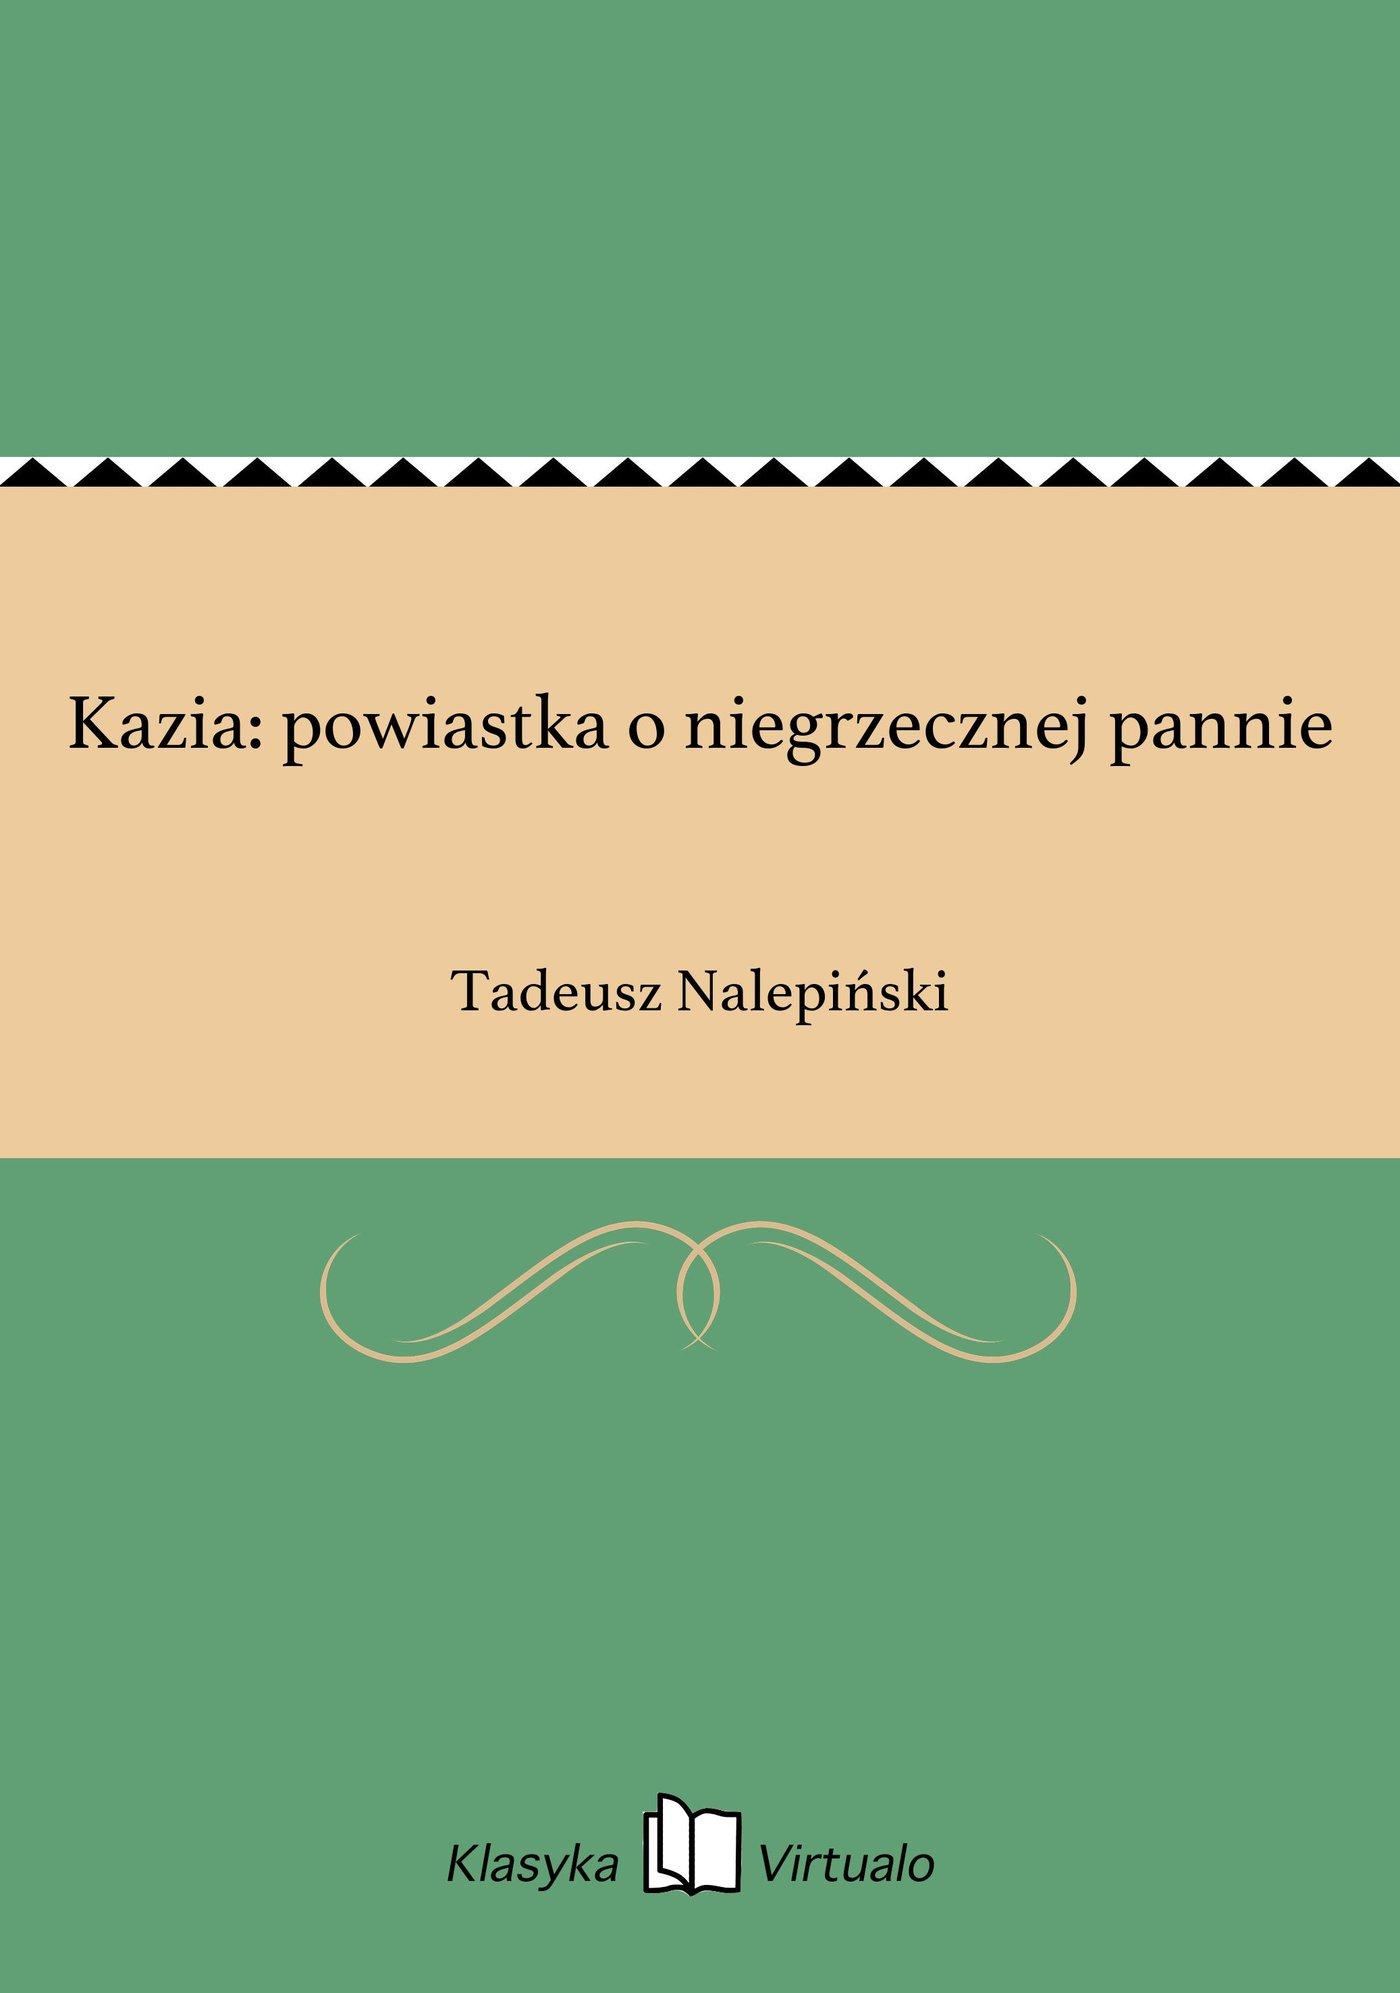 Kazia: powiastka o niegrzecznej pannie - Ebook (Książka na Kindle) do pobrania w formacie MOBI